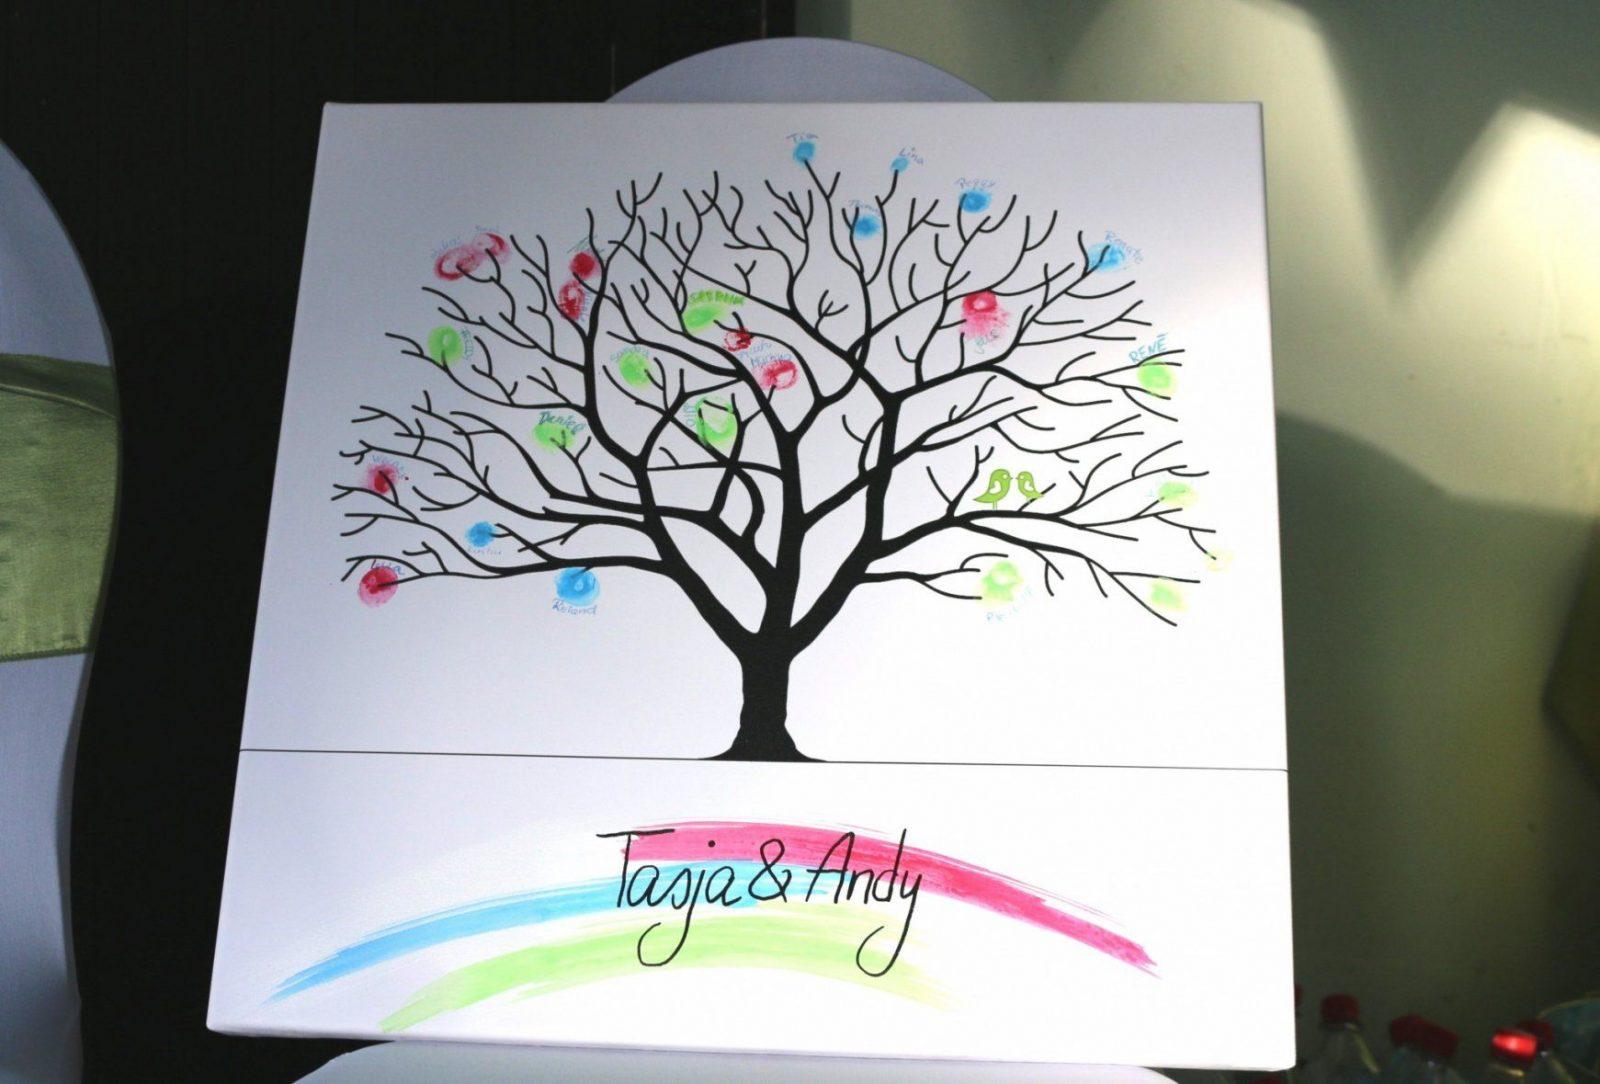 Hochzeitsbaum Auf Leinwand Selbst Gestalten von Leinwandbilder Selber Malen Vorlagen Photo